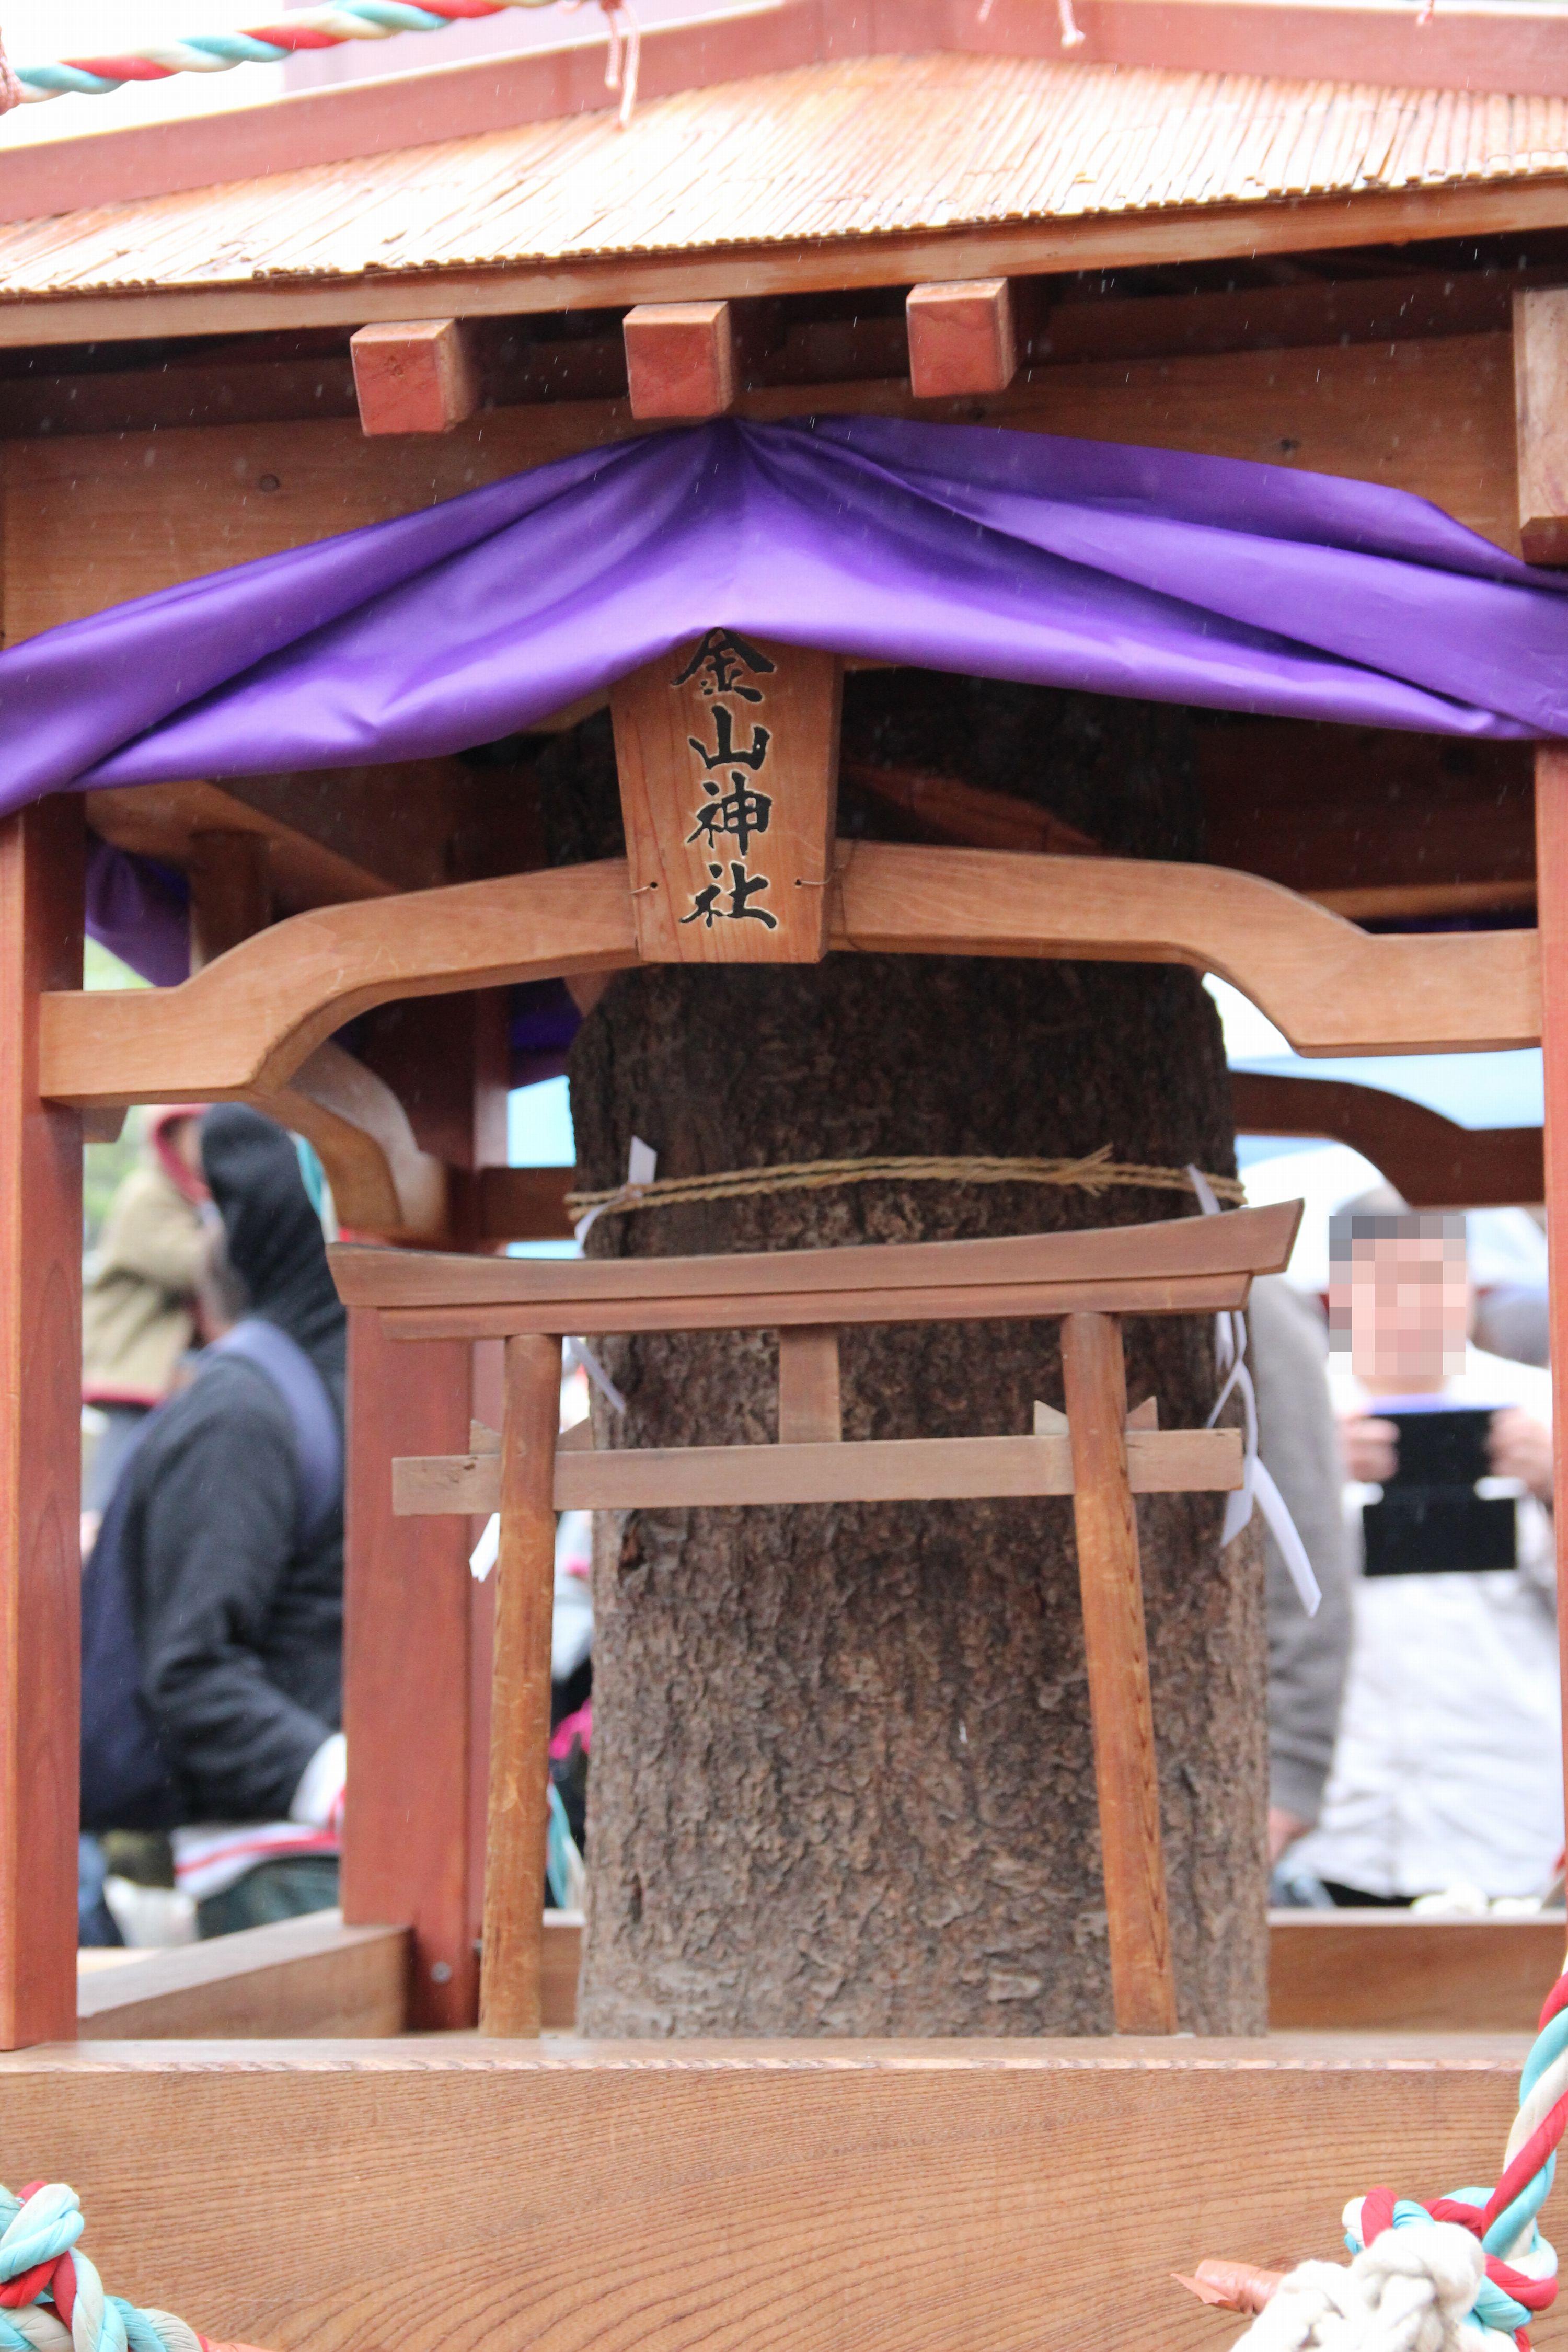 かなまら祭@金山神社~男性器をかたどった御神輿が街中を練り歩く!「生まれてきて良かった」と生命の誕生に感謝する一日!